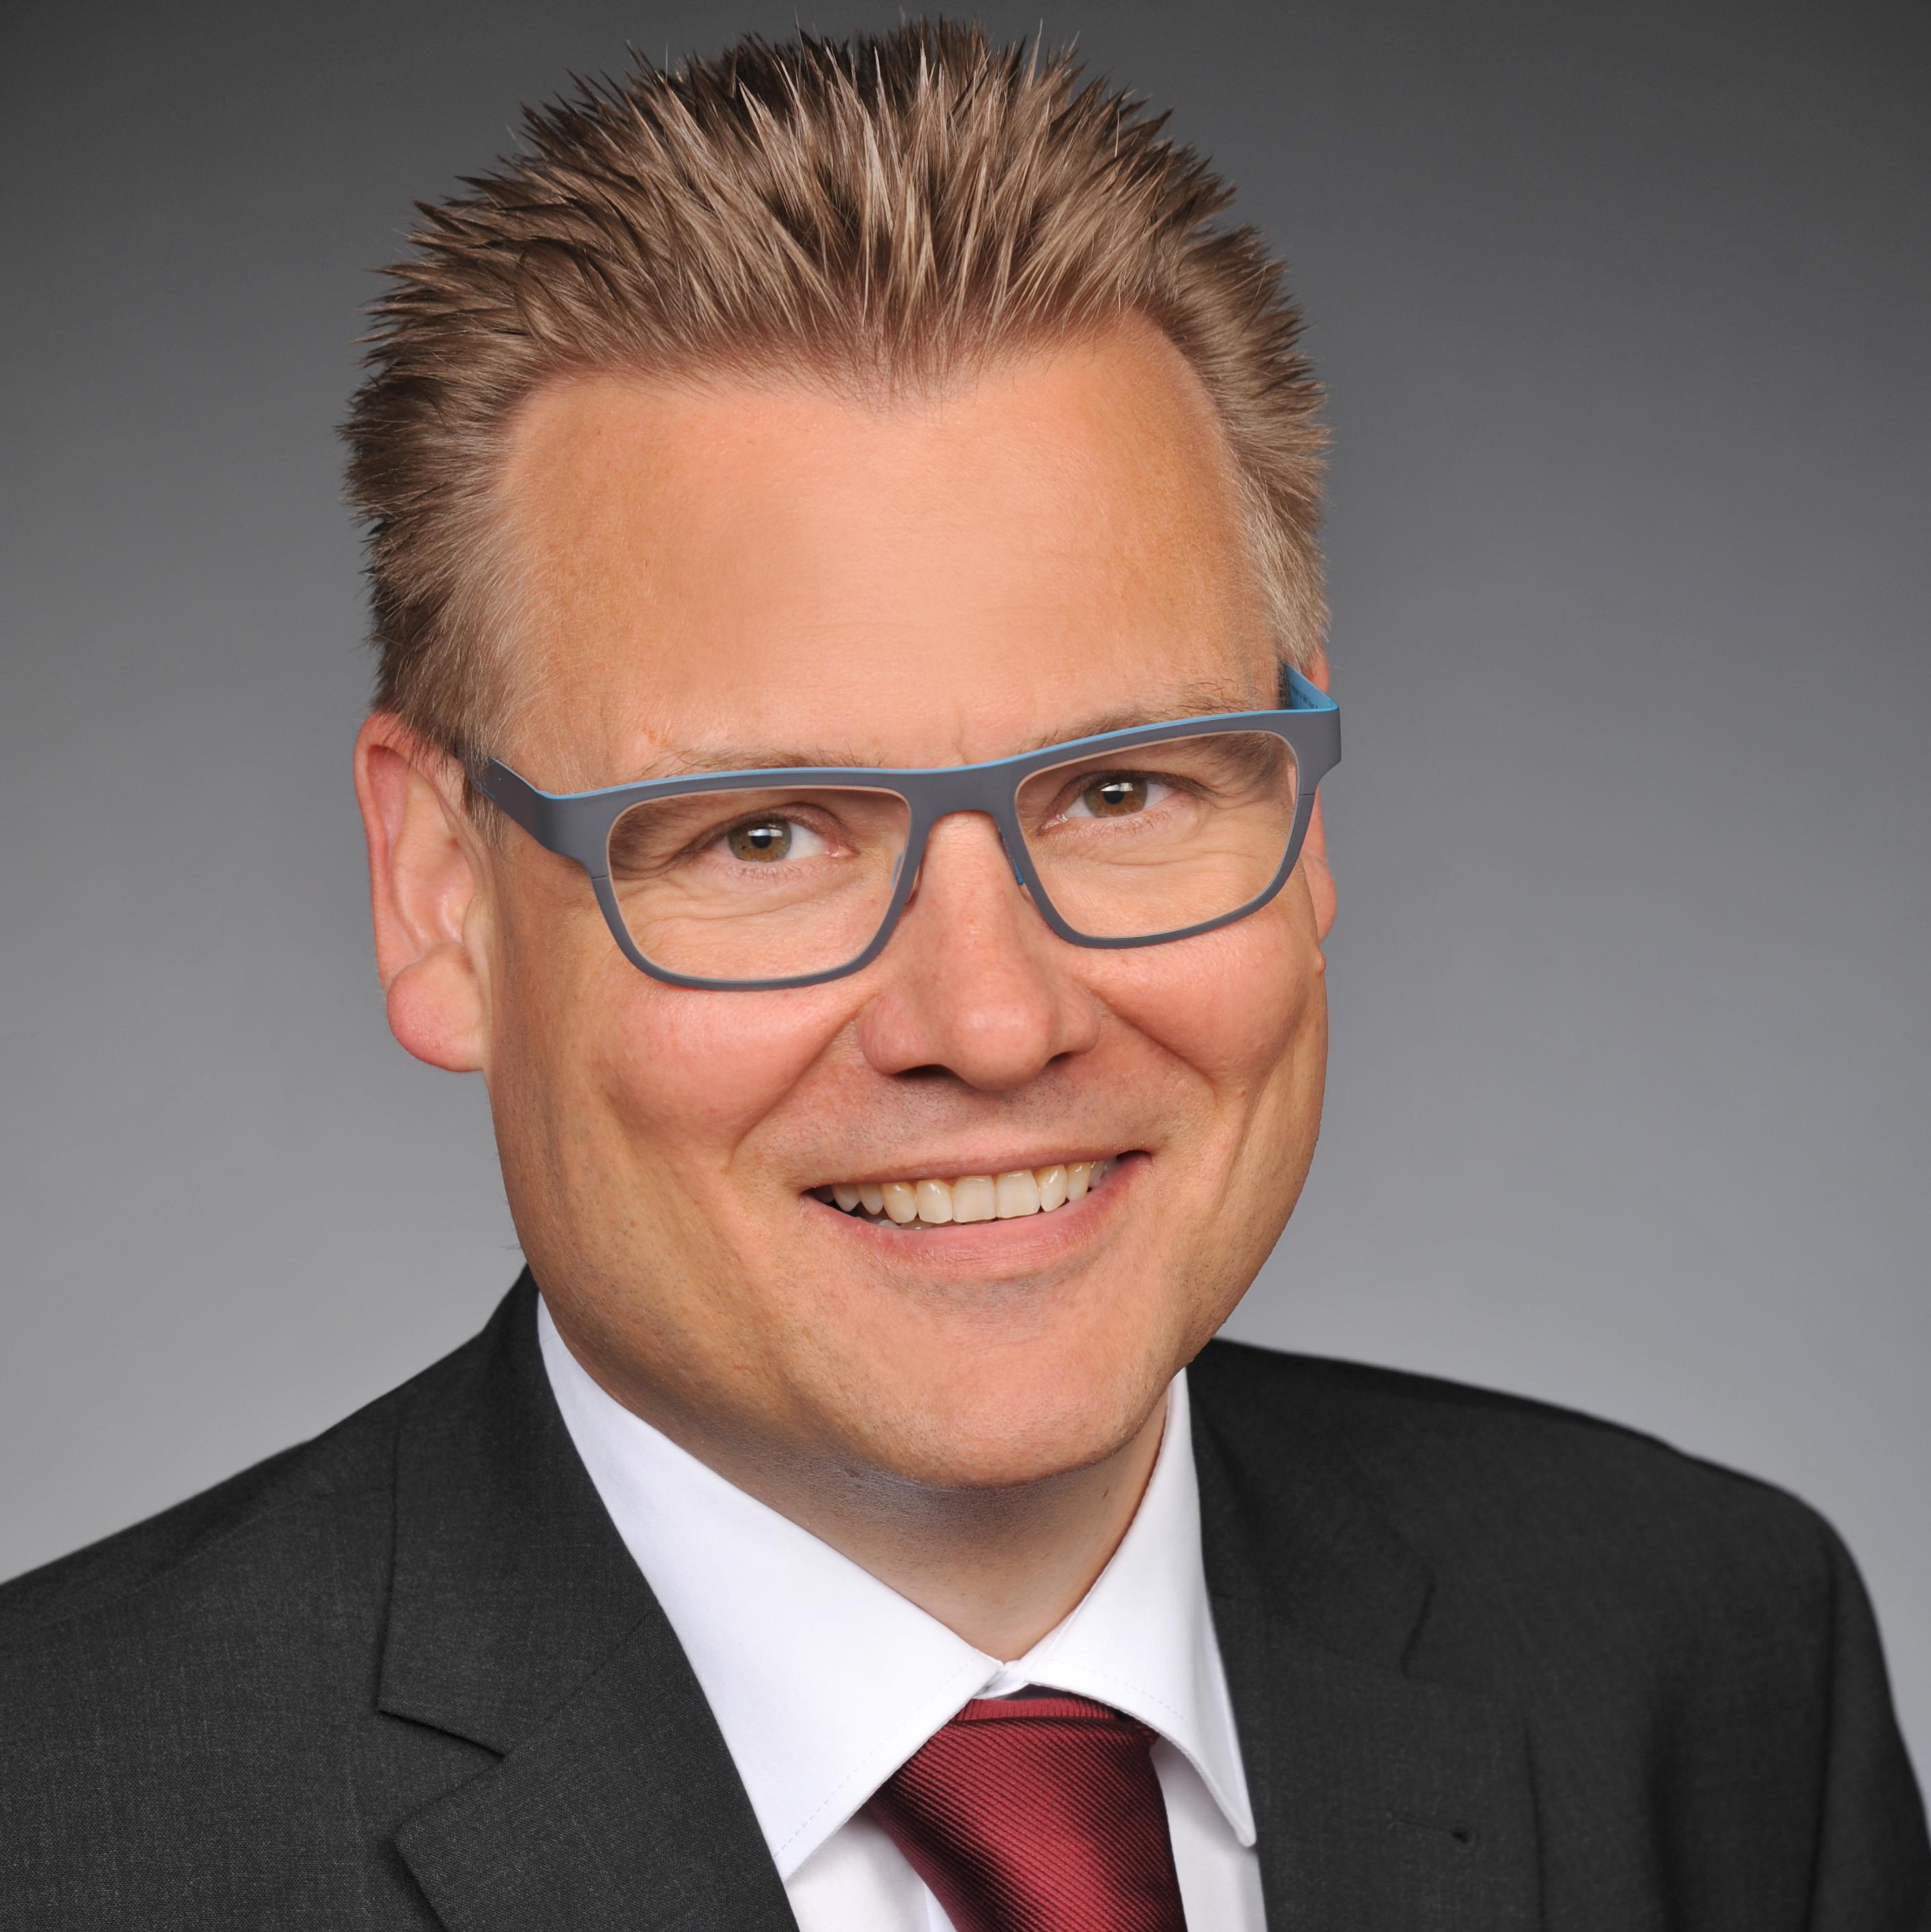 Dr. Gero Nießen